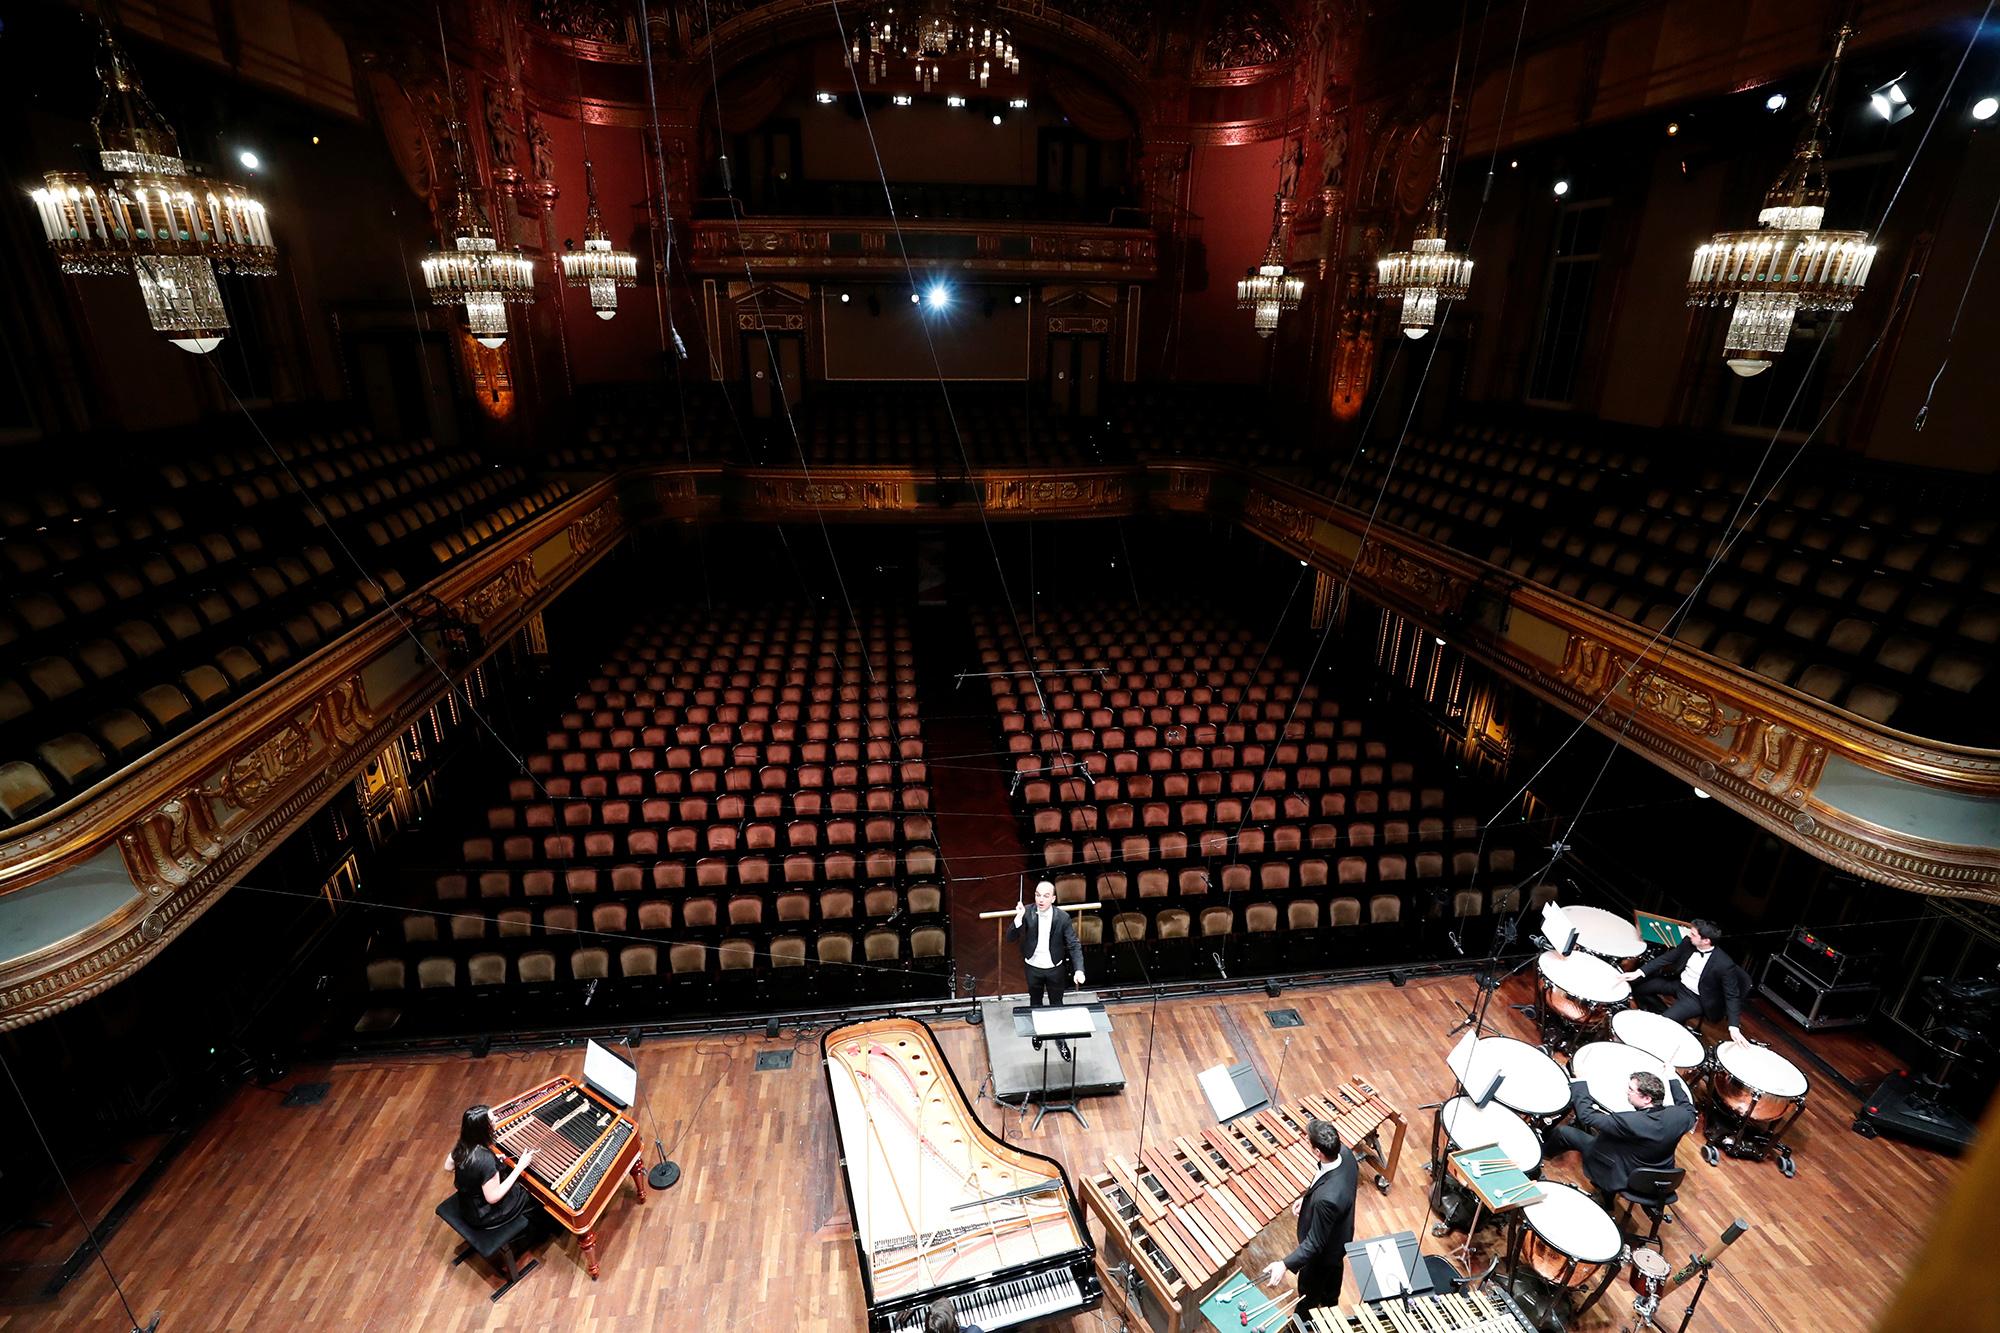 Оркестр выступает передпустым залом вМузыкальной академии Ференца Листа вБудапеште, Венгрия